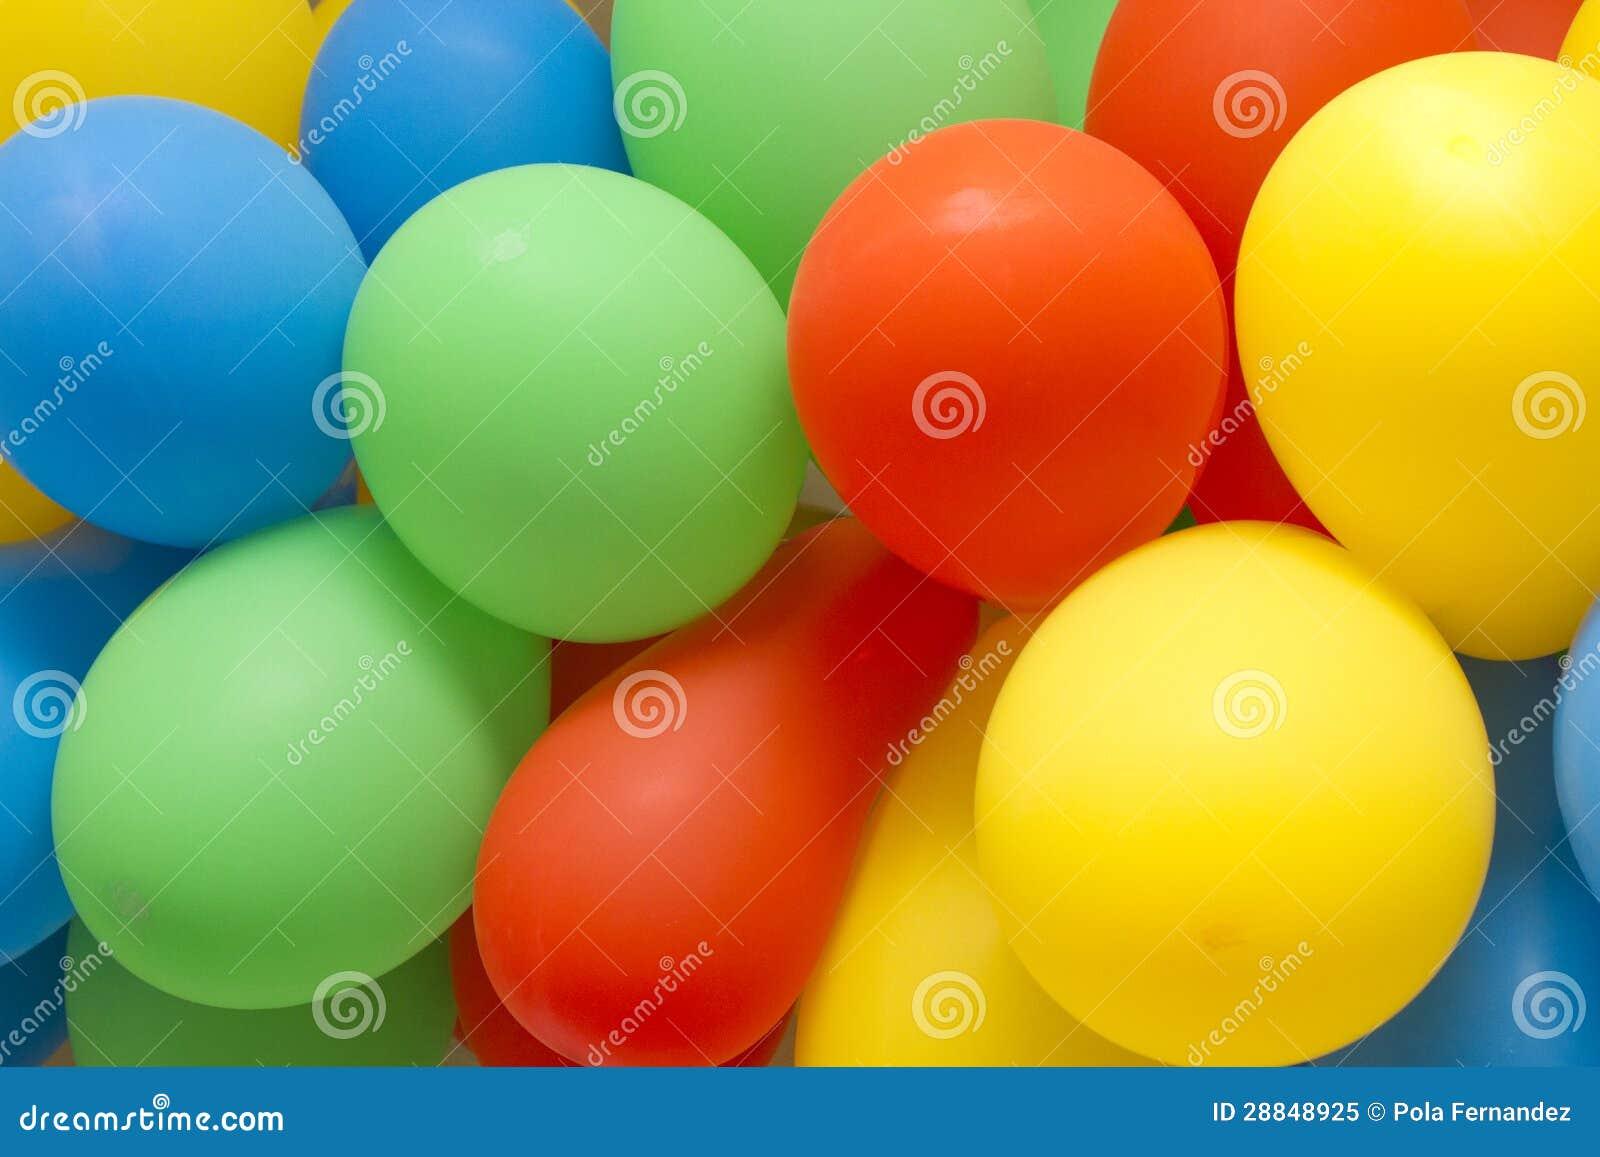 Balones de aire coloridos